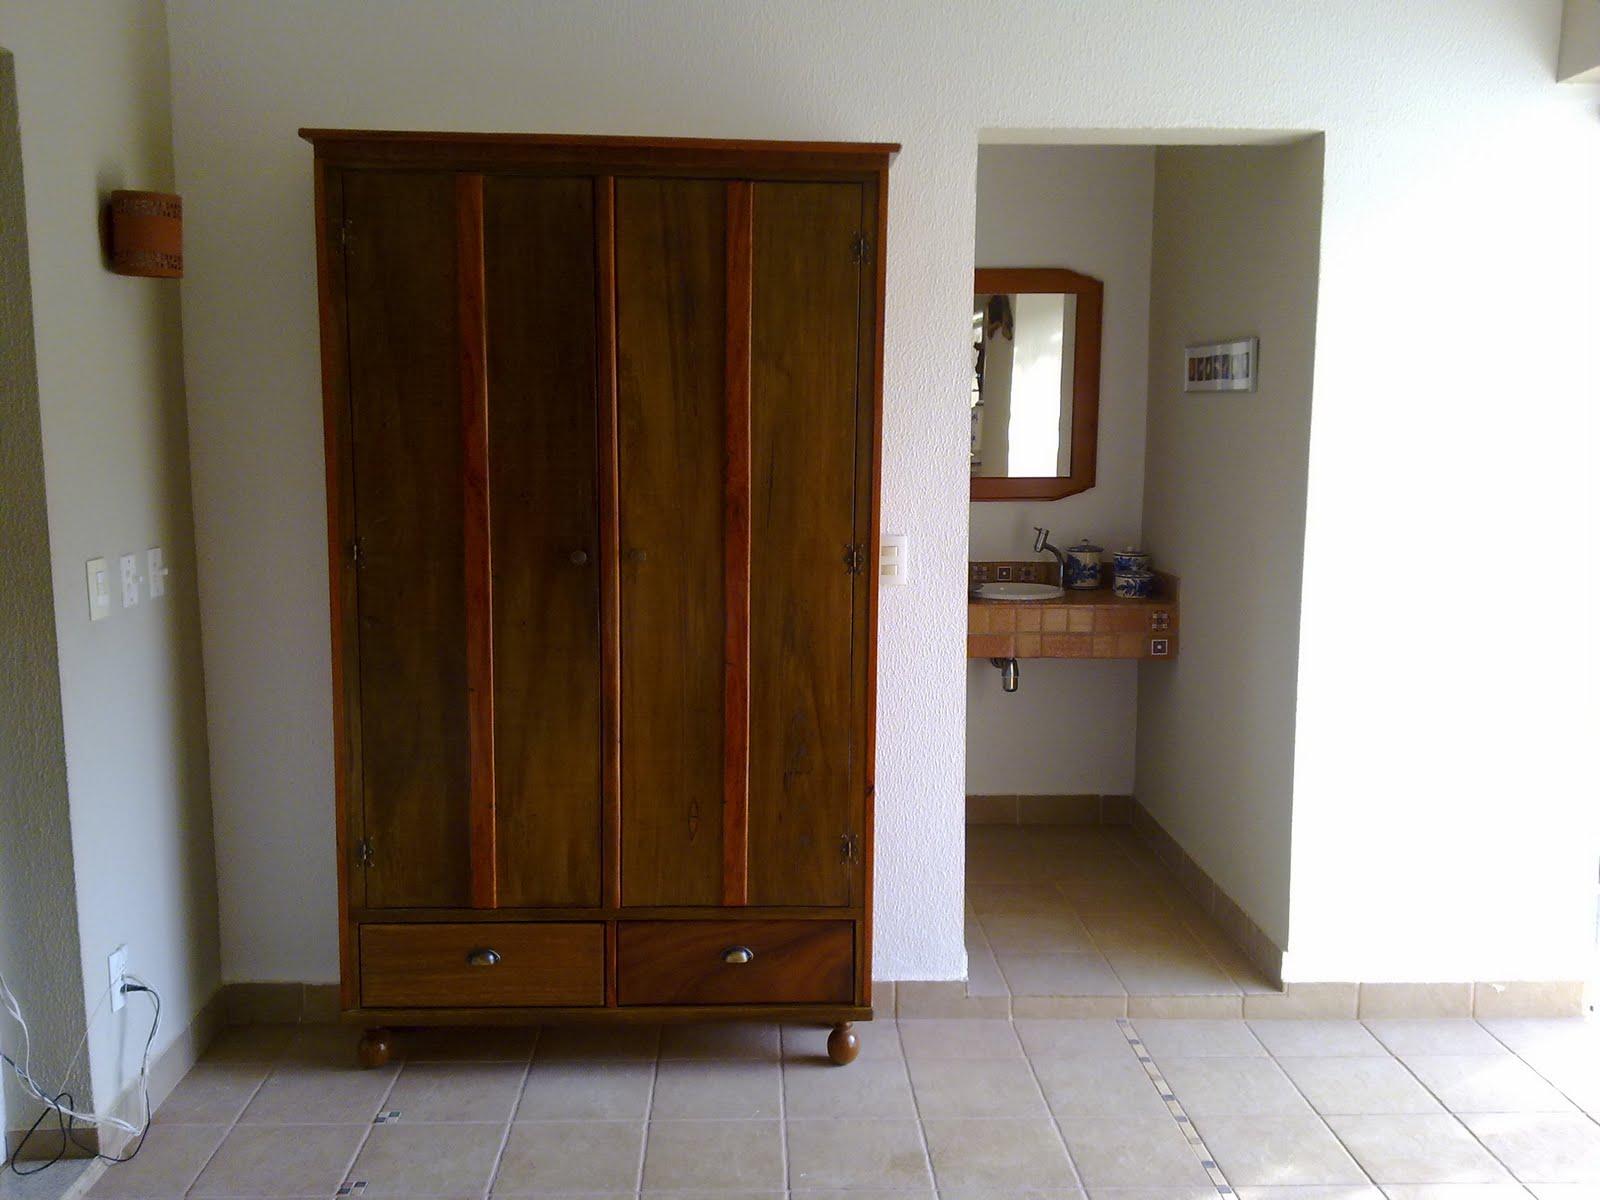 movelaria: Armario em madeira maciça #38200B 1600x1200